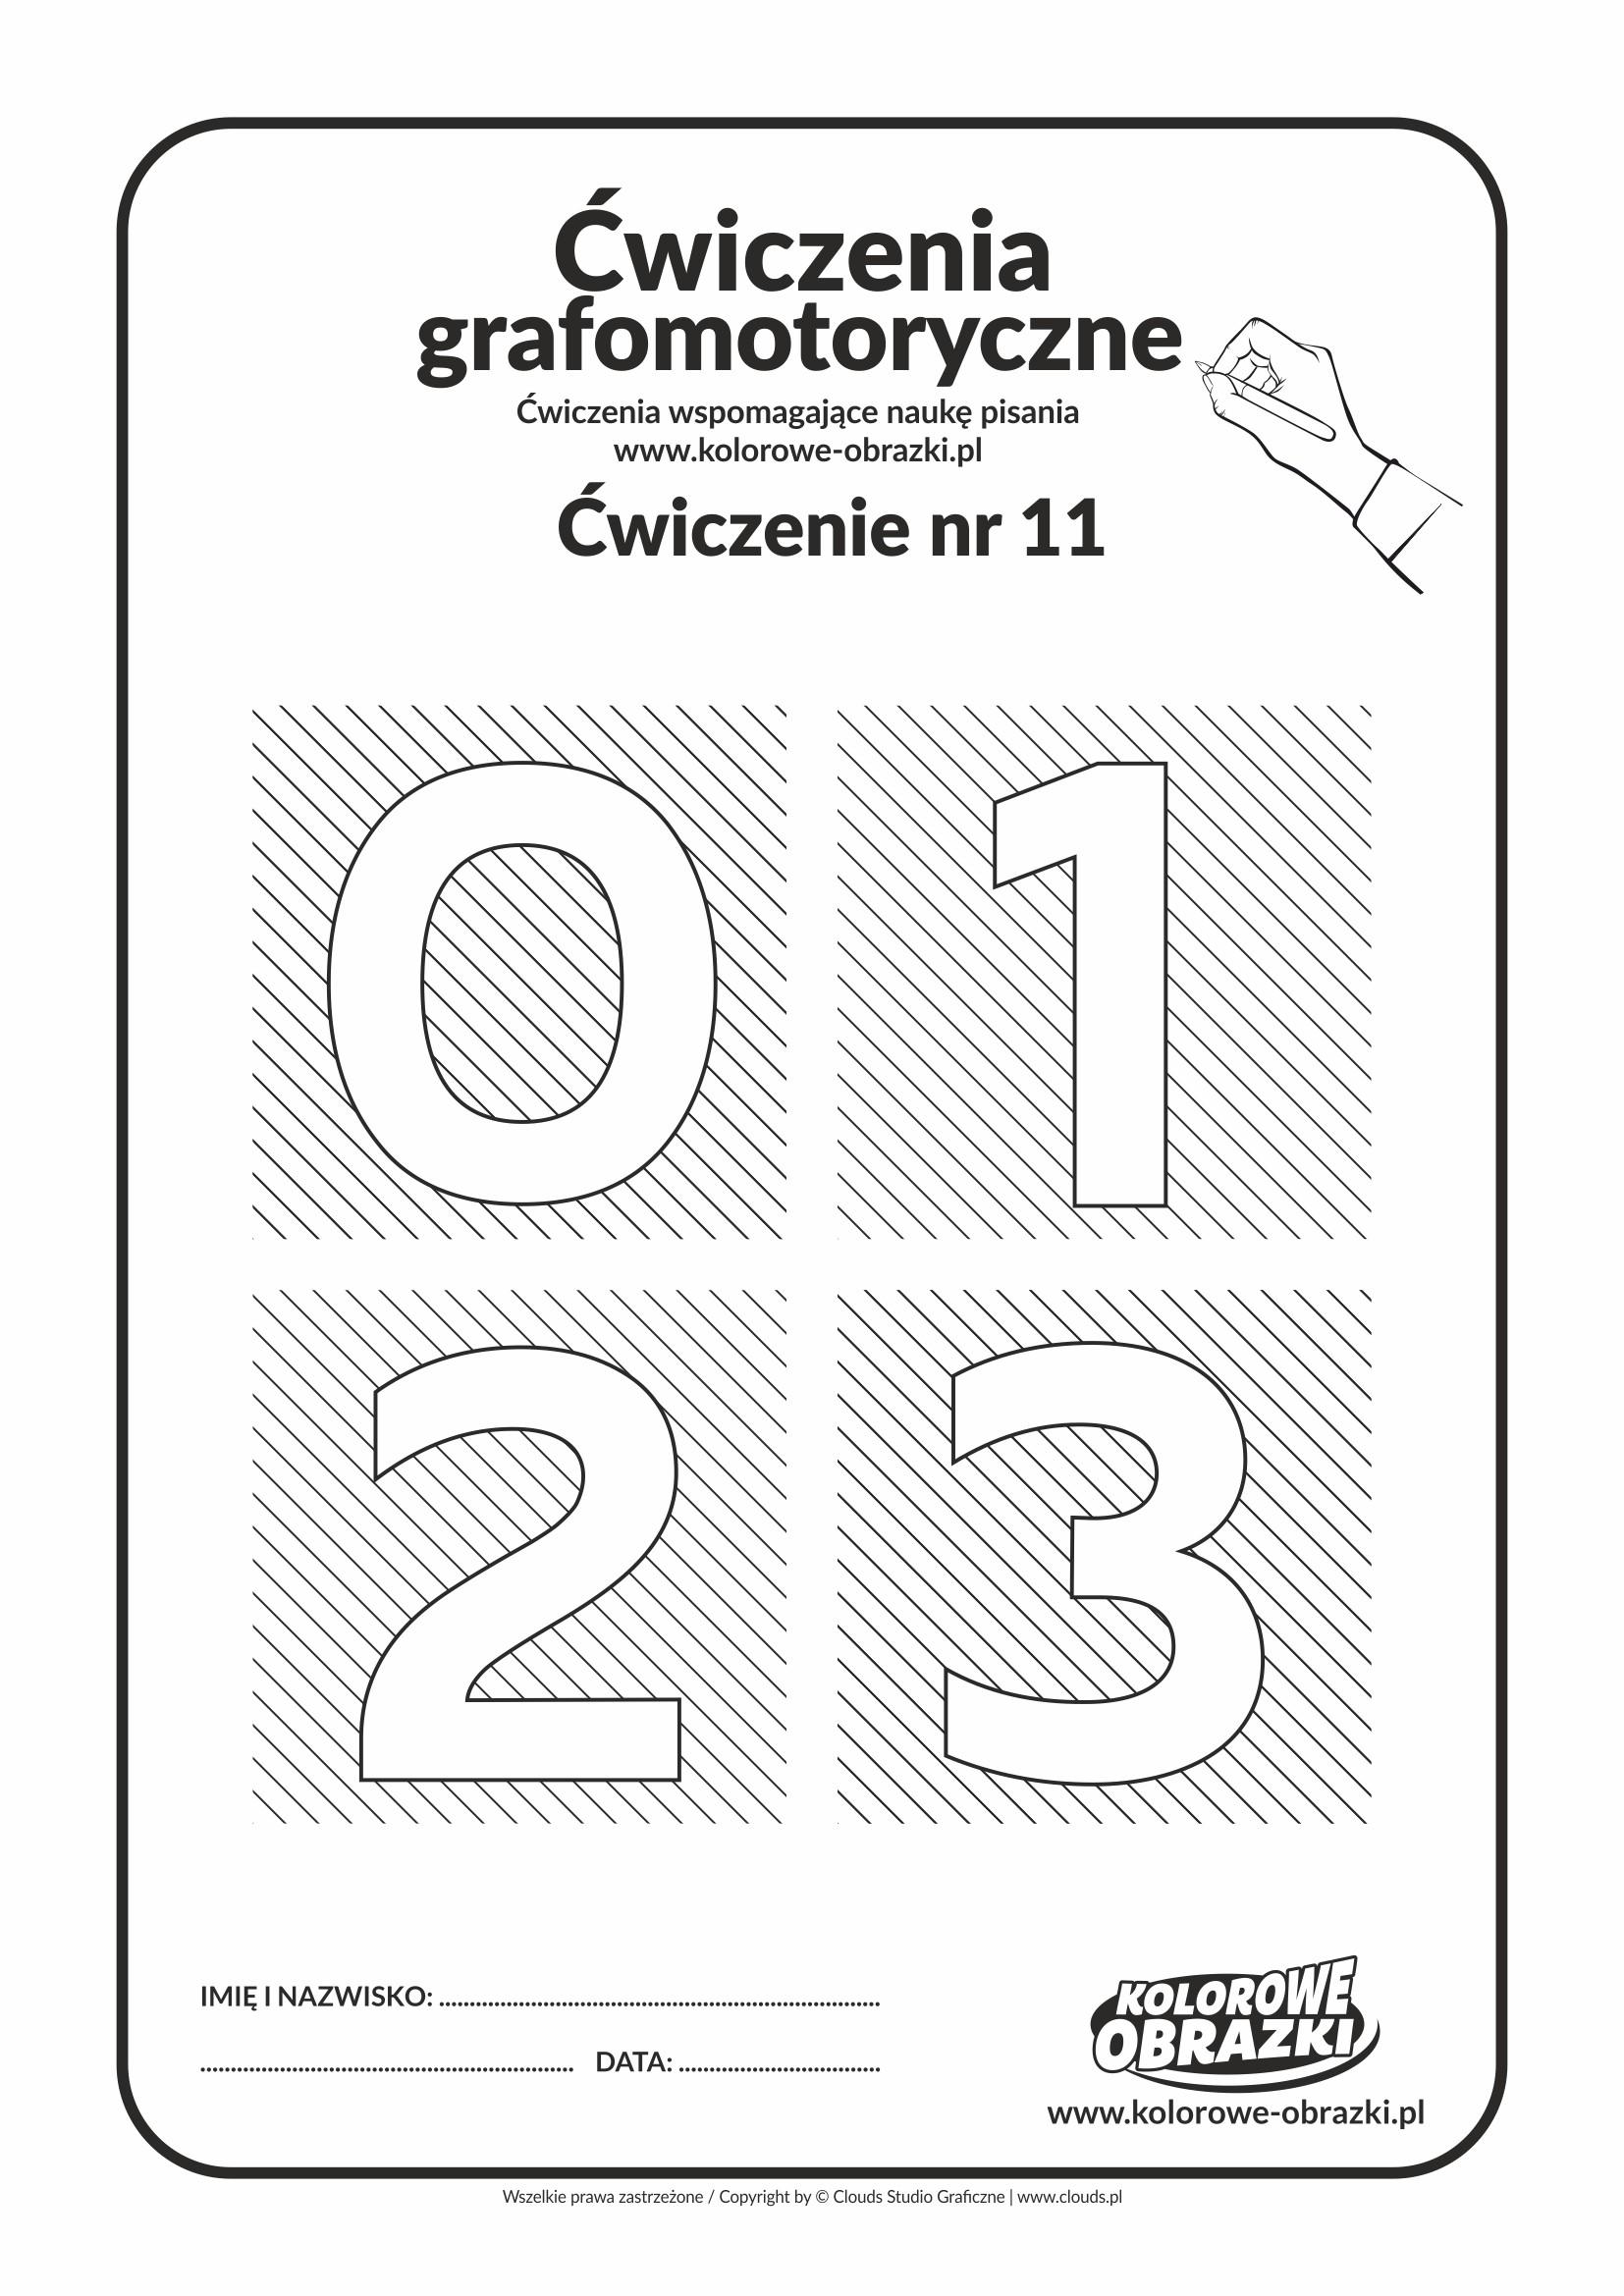 Ćwiczenia grafomotoryczne - cyfry 0, 1, 2, 3